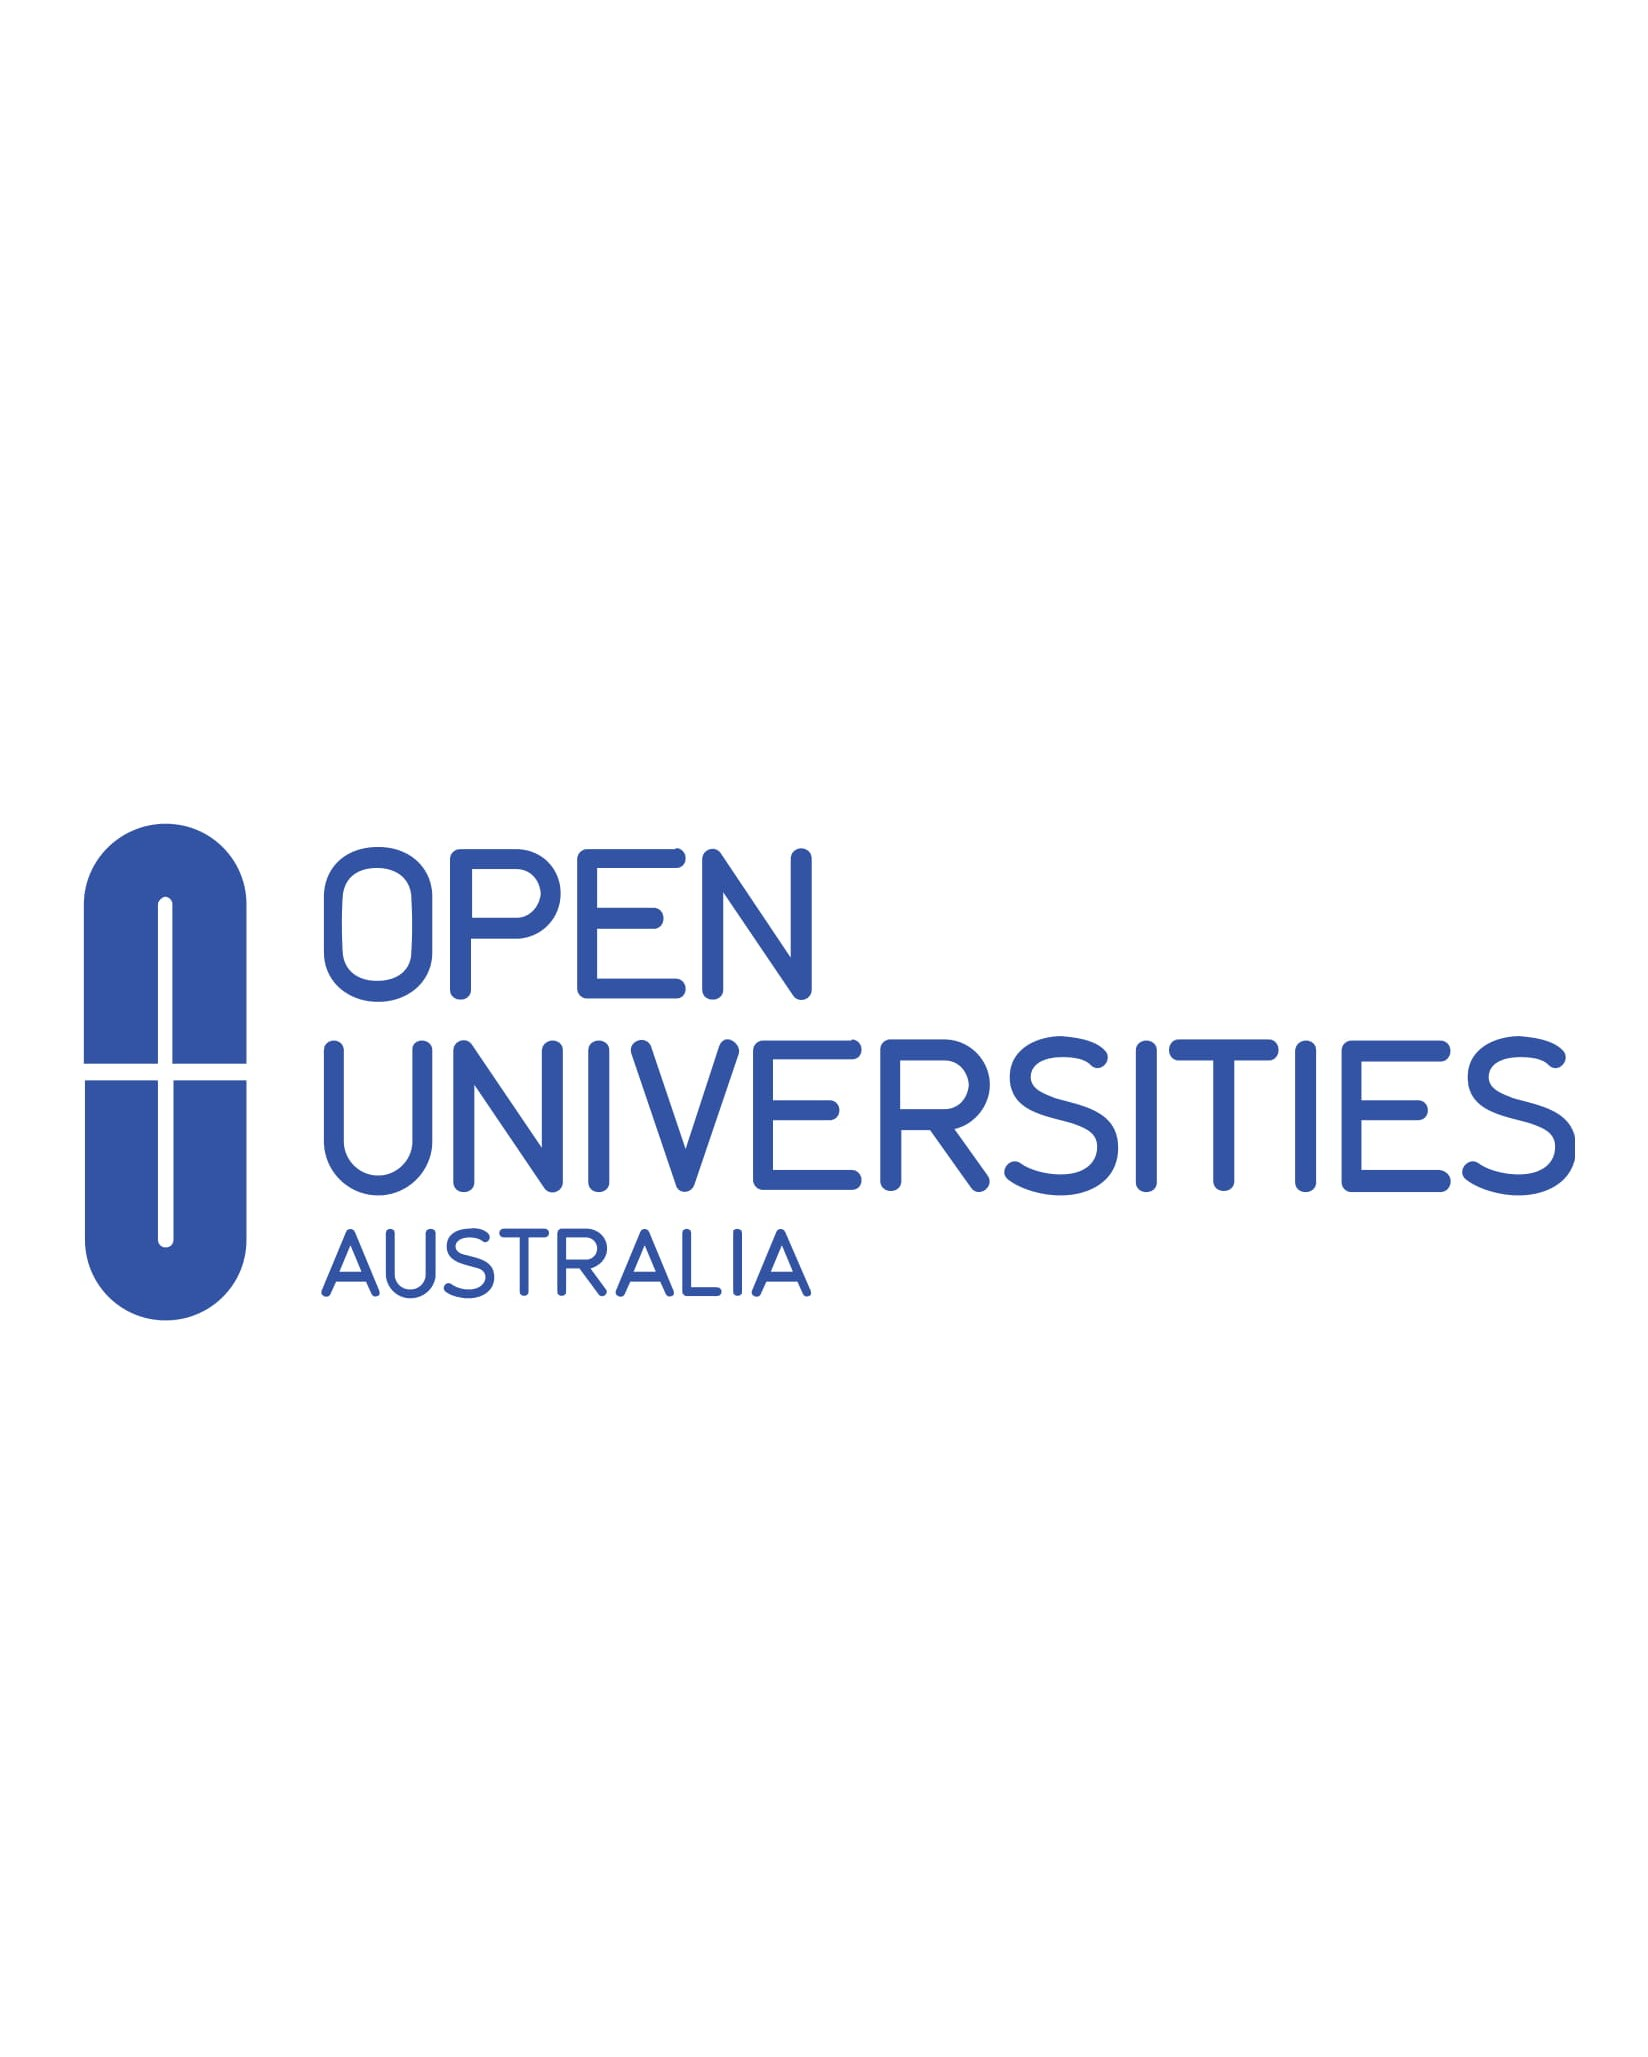 Open Universities